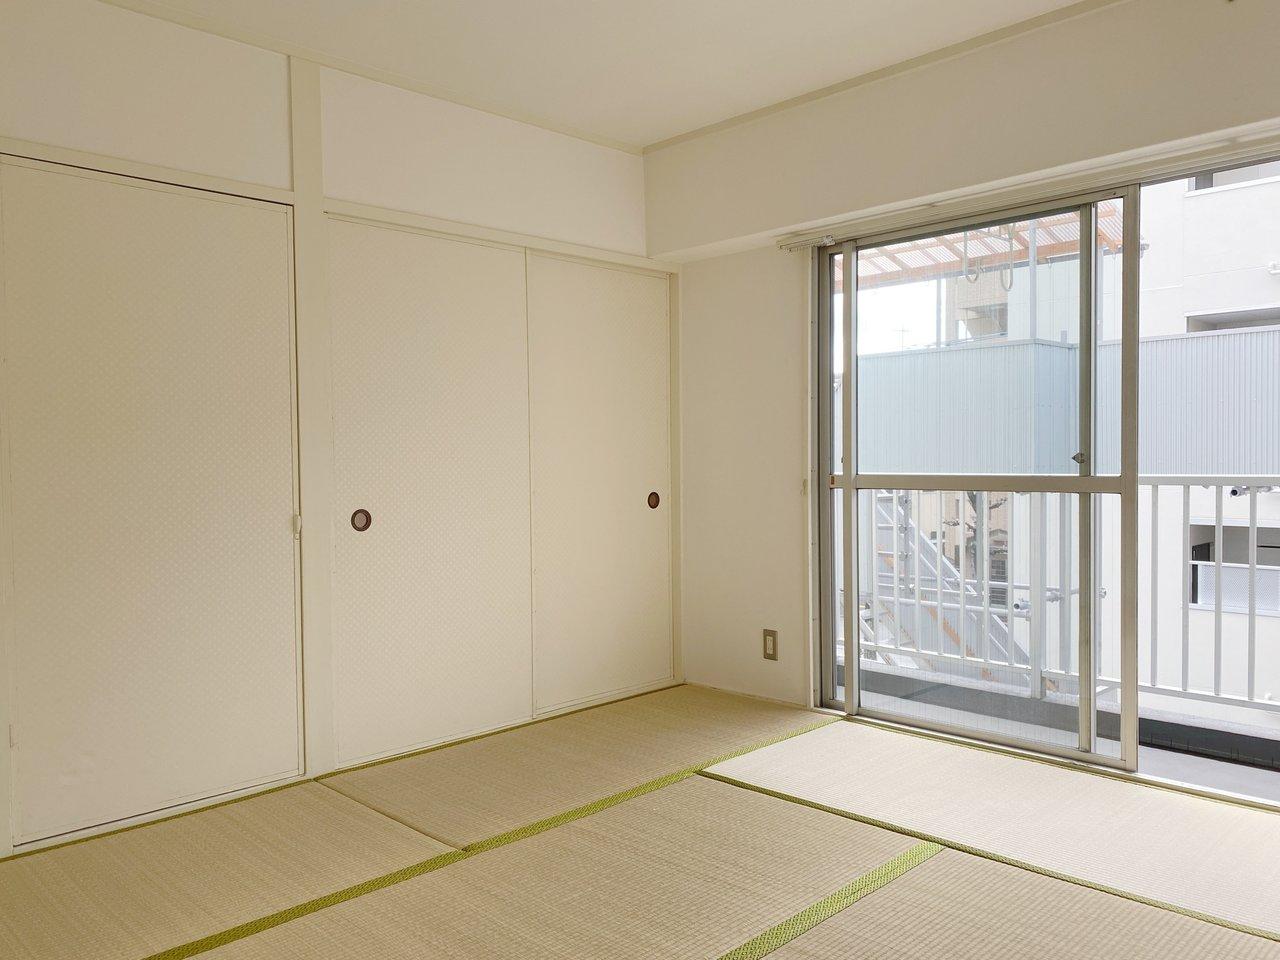 あえて残っている畳のお部屋もいい雰囲気です。くつろぎの時間が過ごせそう。